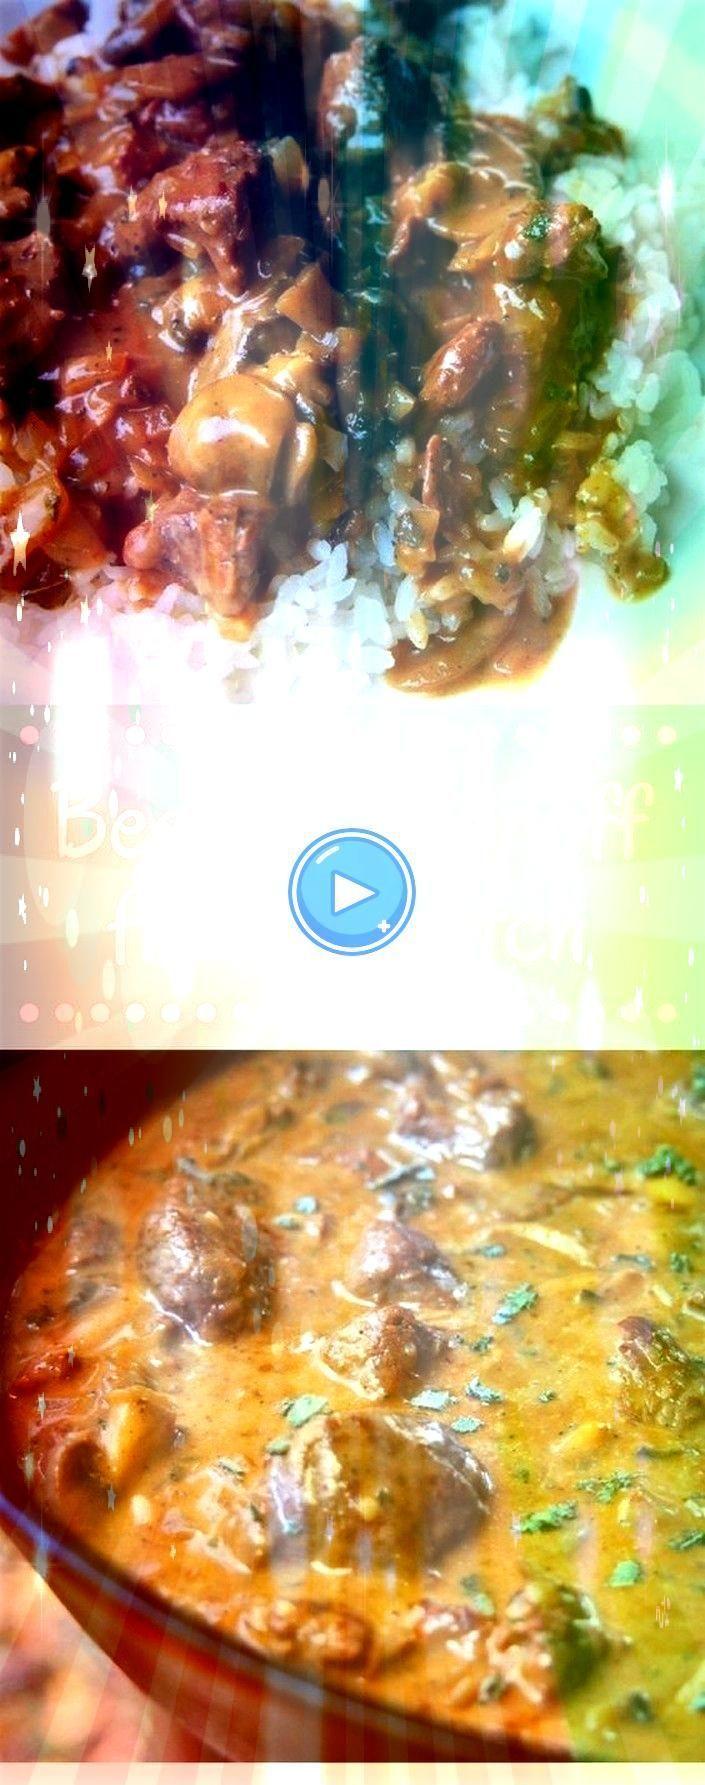 #Hausgemachtes # Rindfleisch #Stroganoff #Rezepte #Burger - Essen - #Burger    - Burger - #Burger #Essen #hausgemachtes #rezepte #Rindfleisch #Stroganoff #stroganoffrezepte